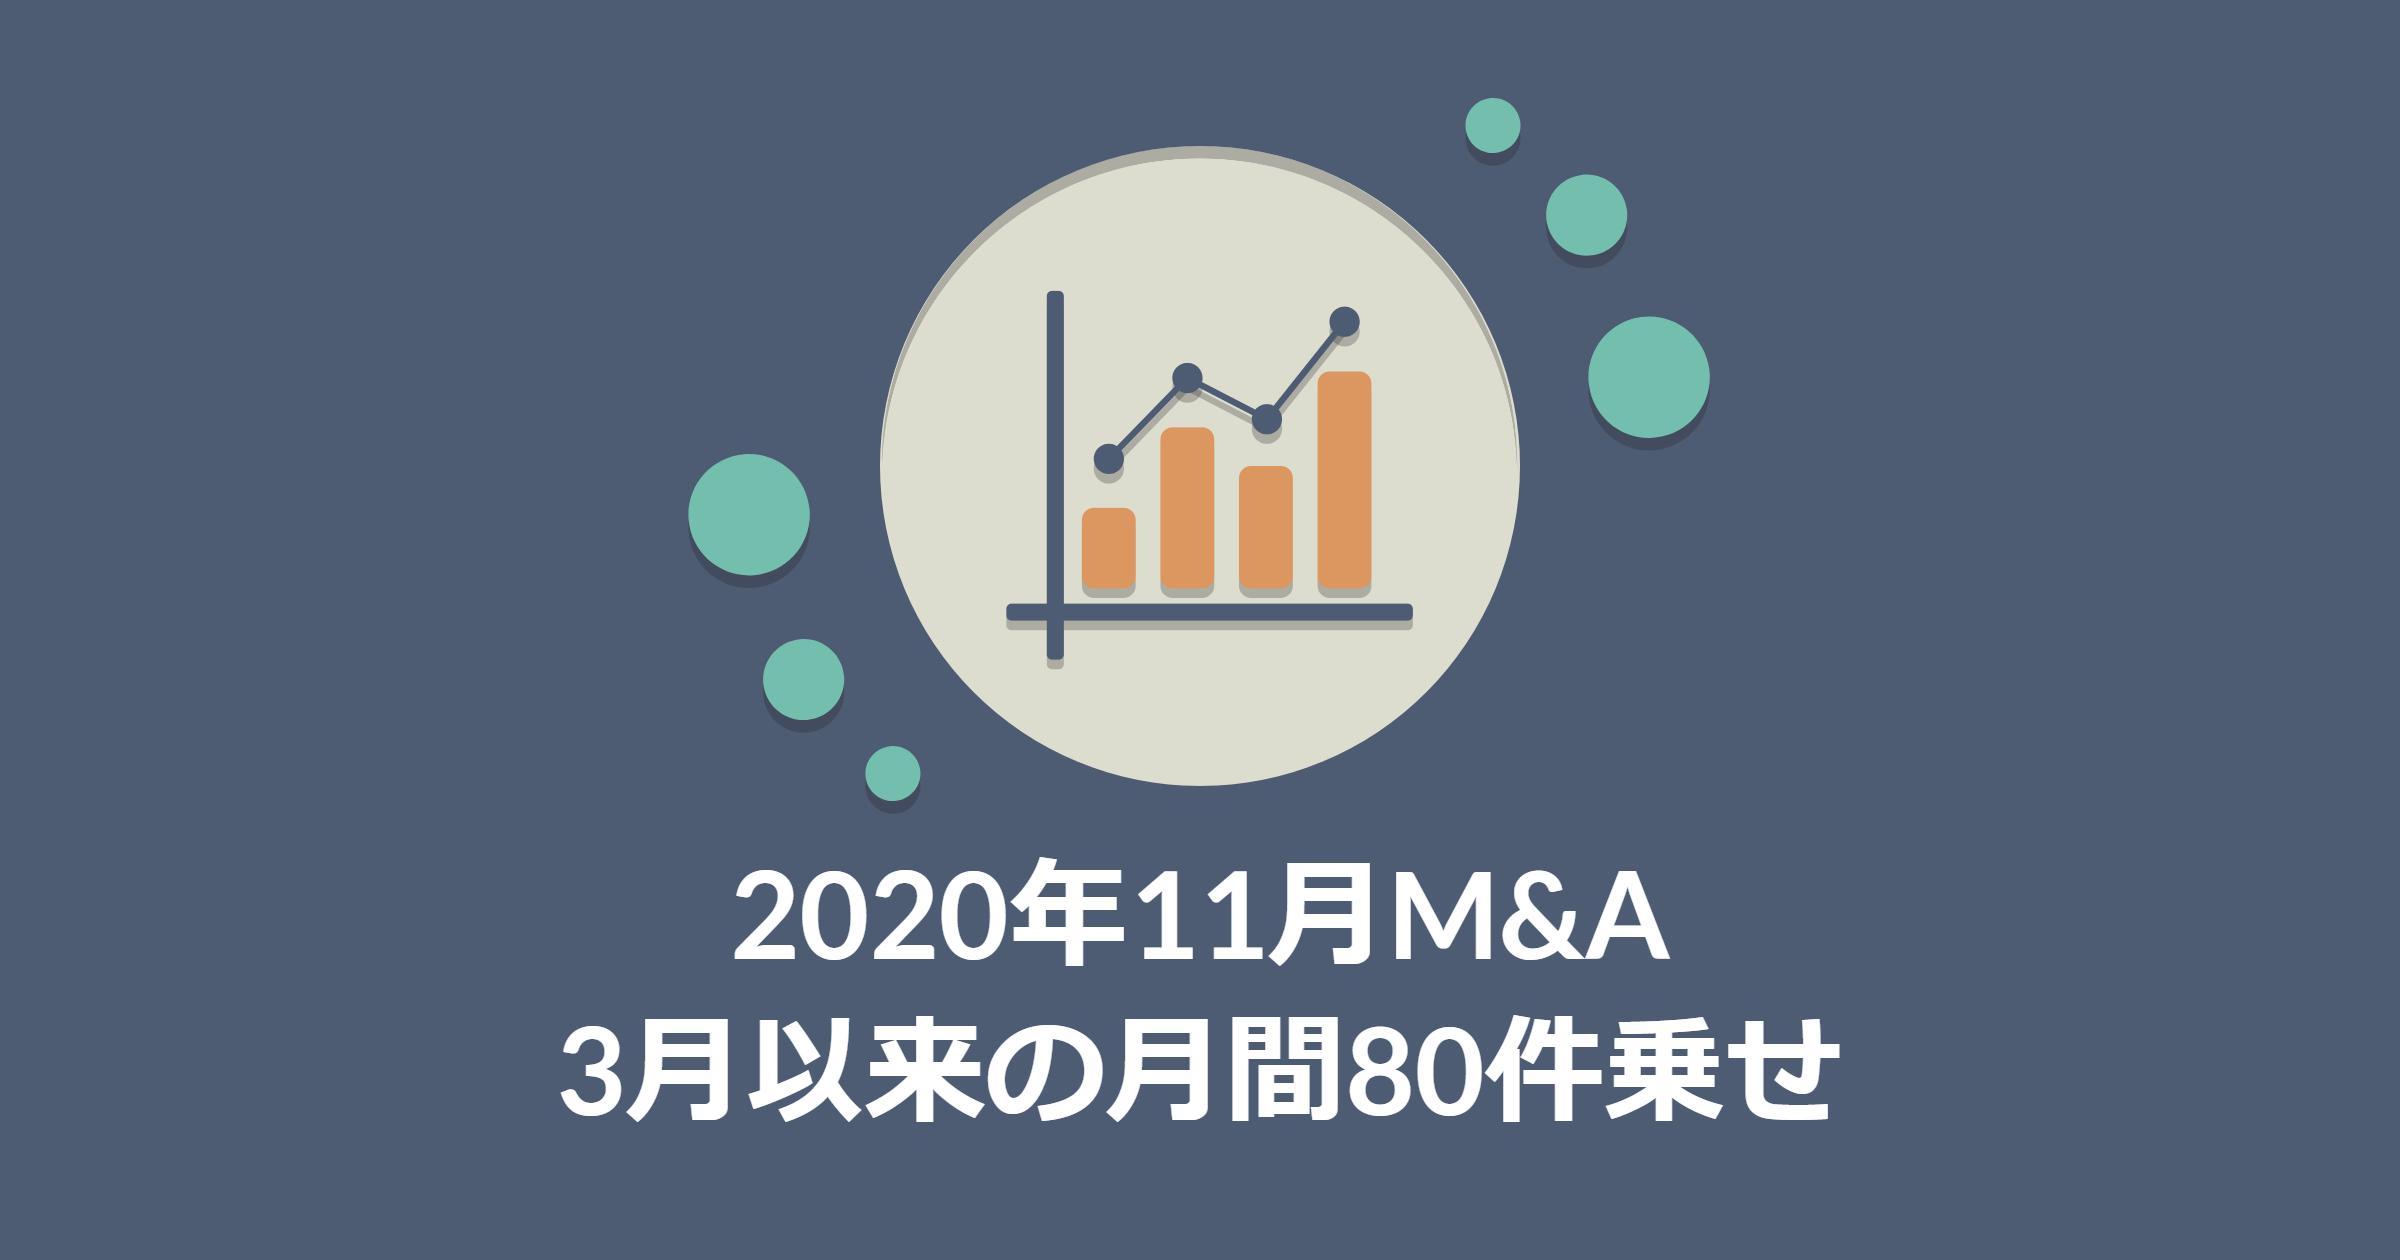 2020年11月M&A、3月以来の月間80件乗せ(ストライク調べ)